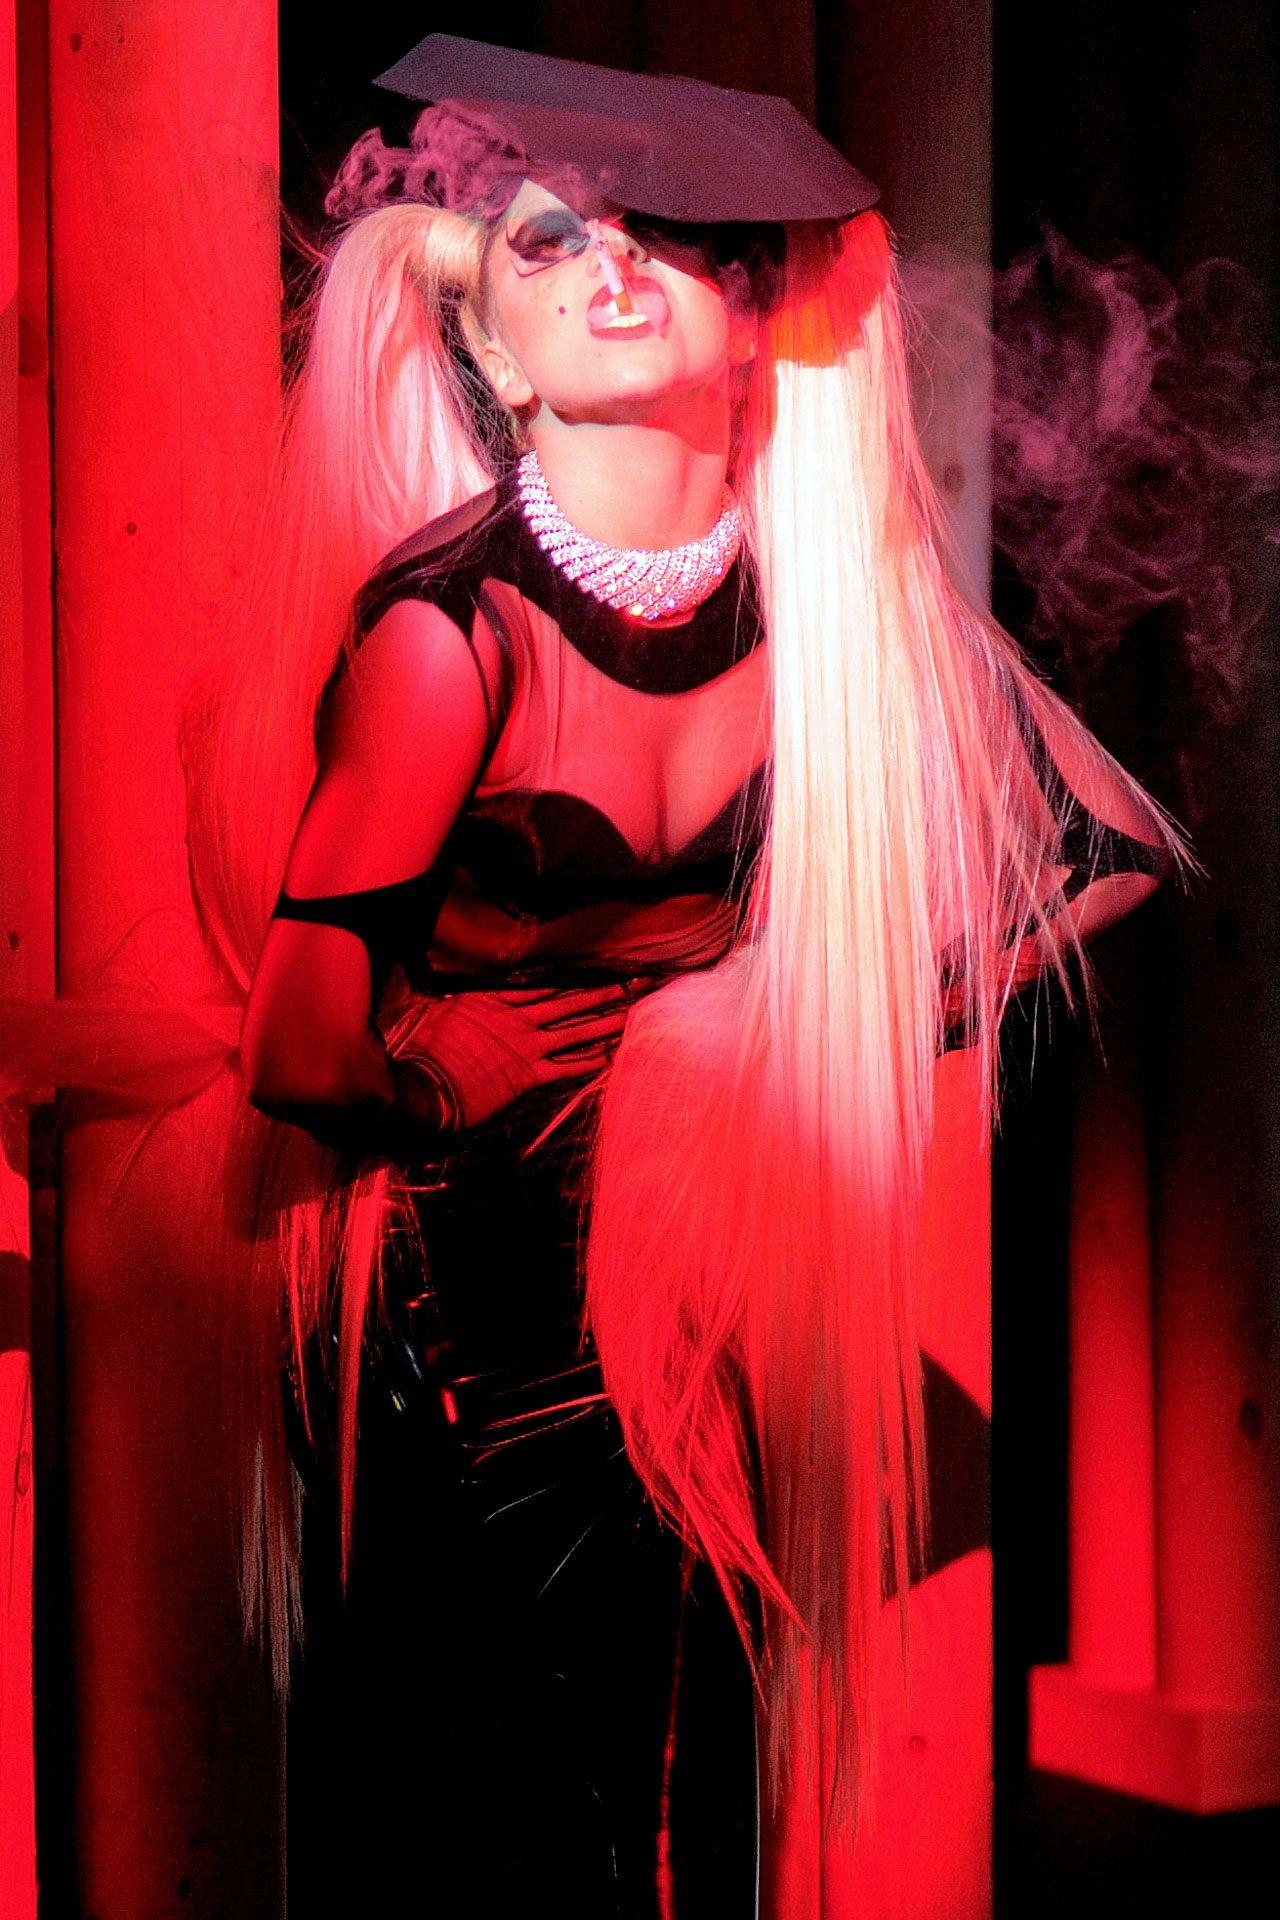 Lady Gaga rocks the Thierry Mugler runway forecast